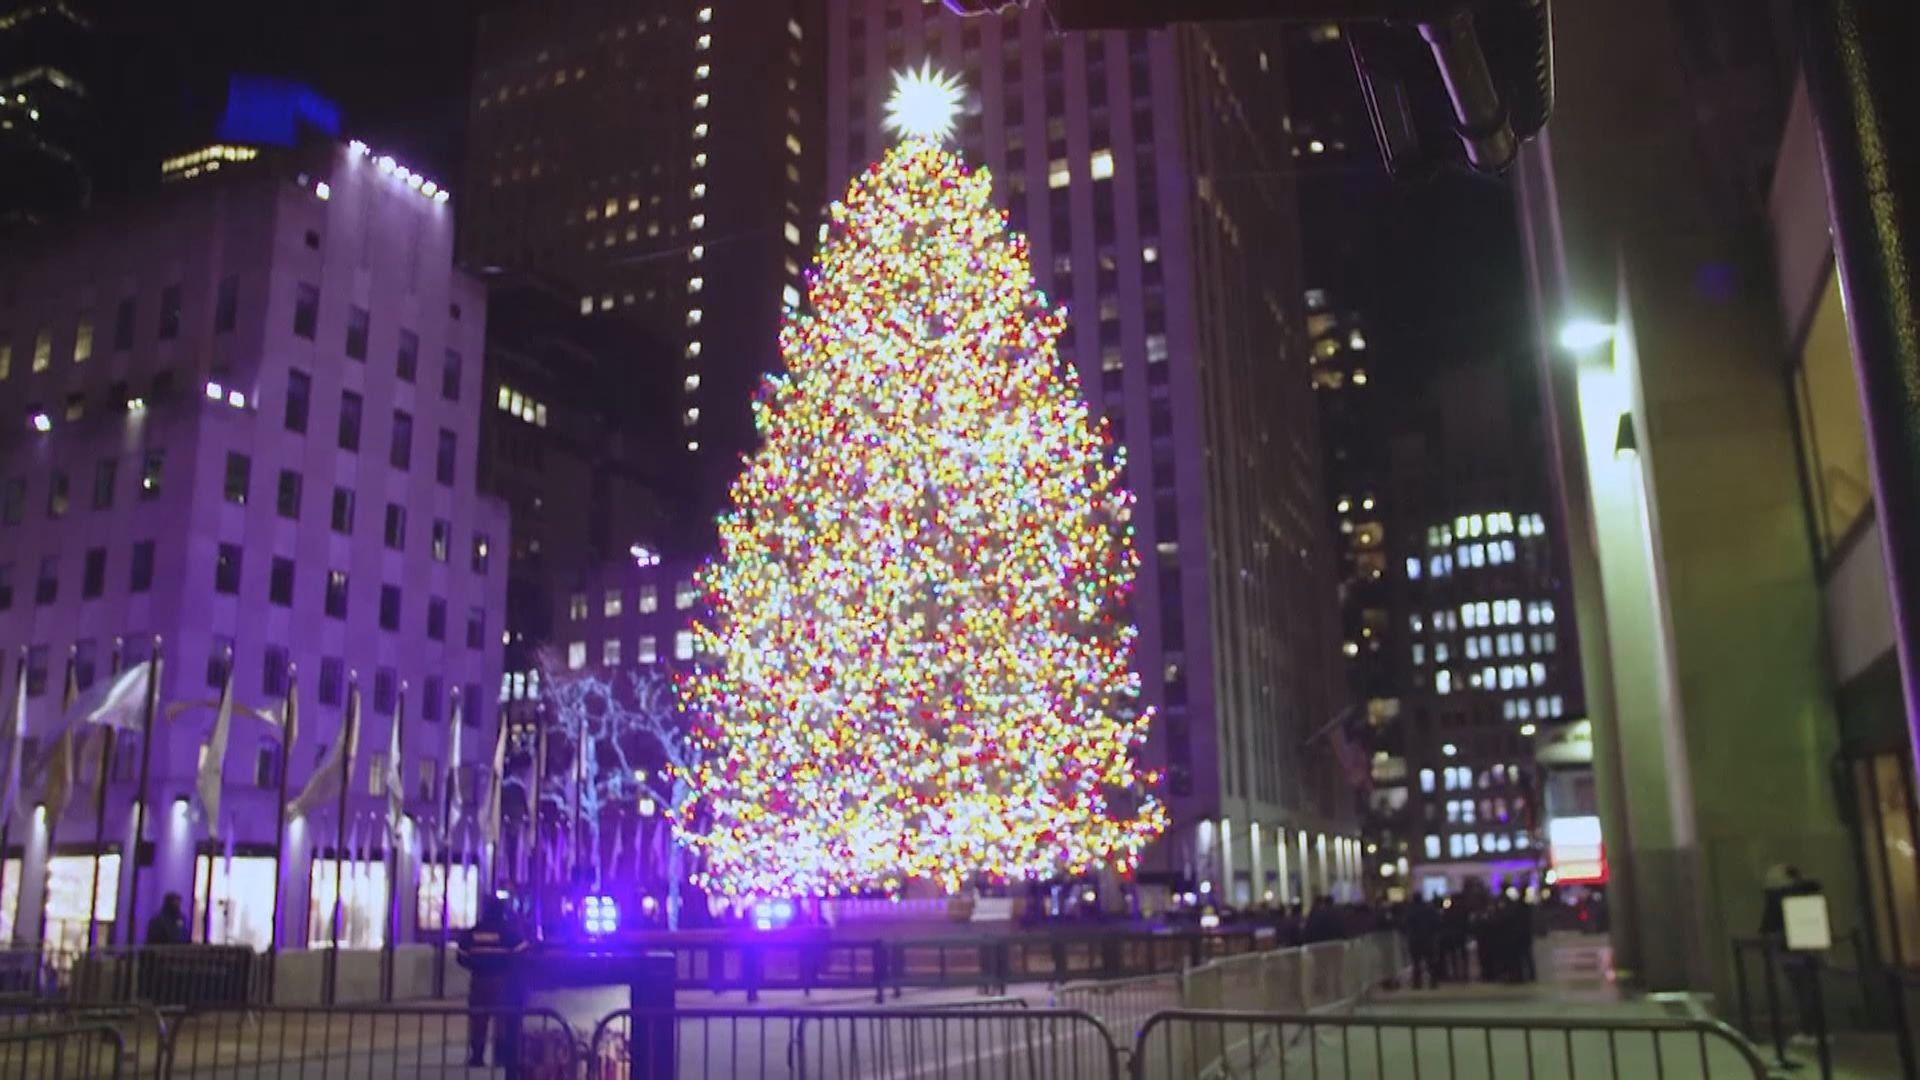 【疫下過節】疫情陰霾下各地民眾如何度過不一樣聖誕?